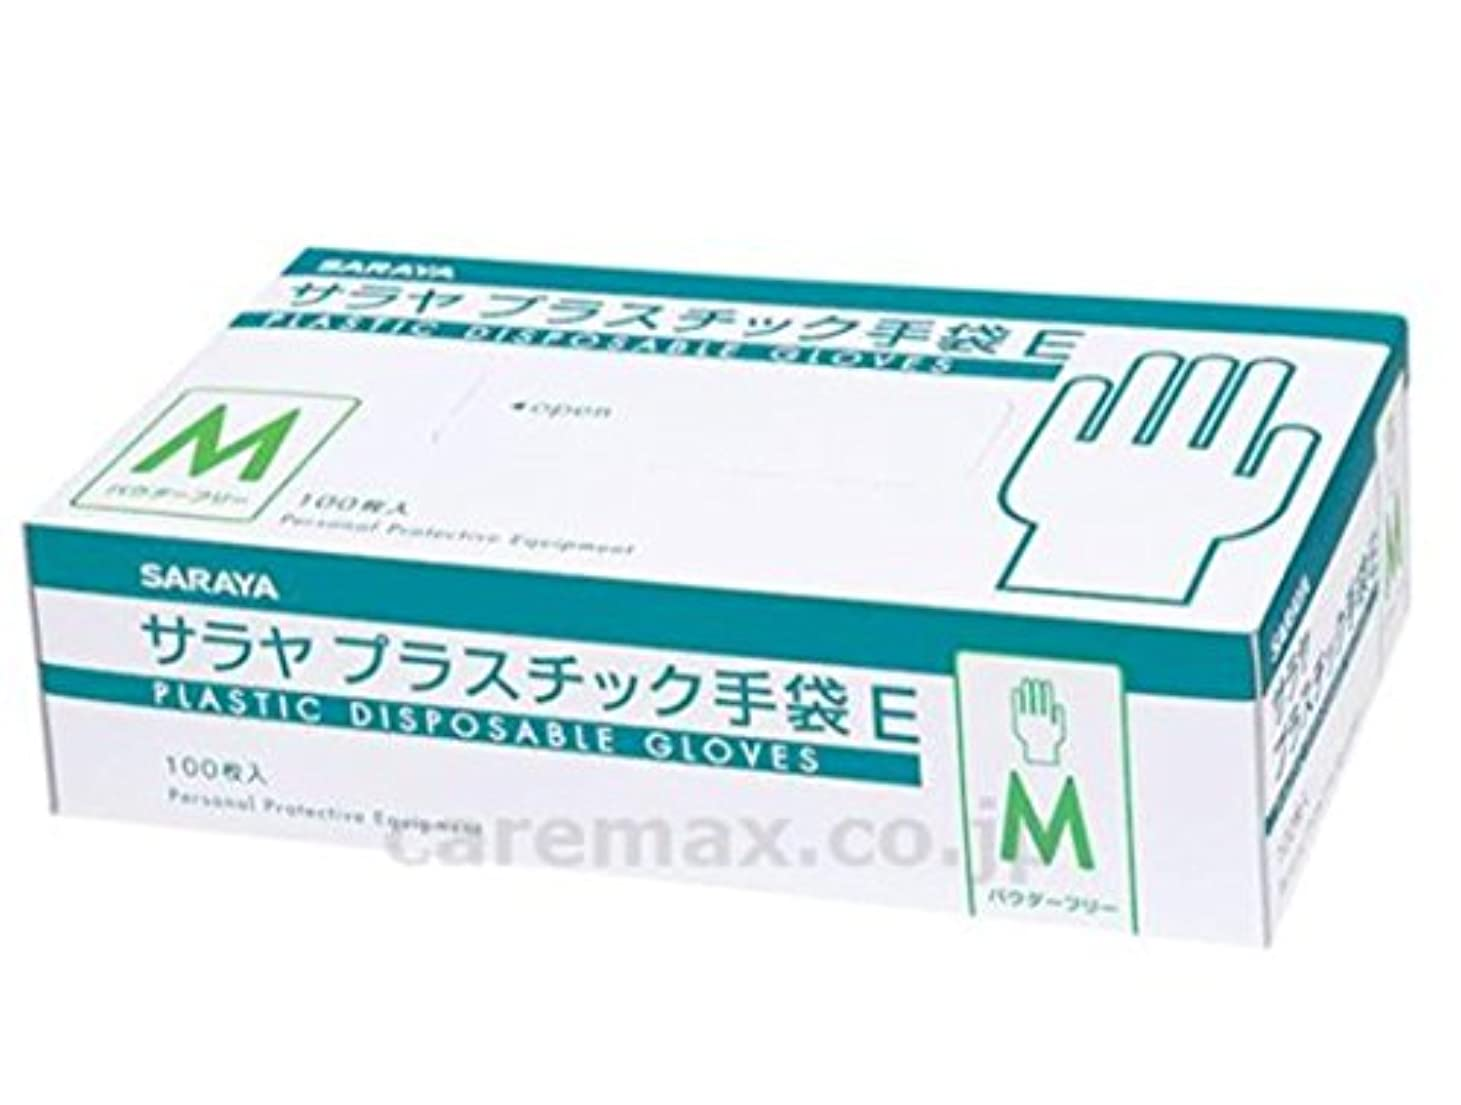 とげ蚊暗いサラヤ 使い捨て手袋 プラスチック手袋E 粉なし Mサイズ 100枚入